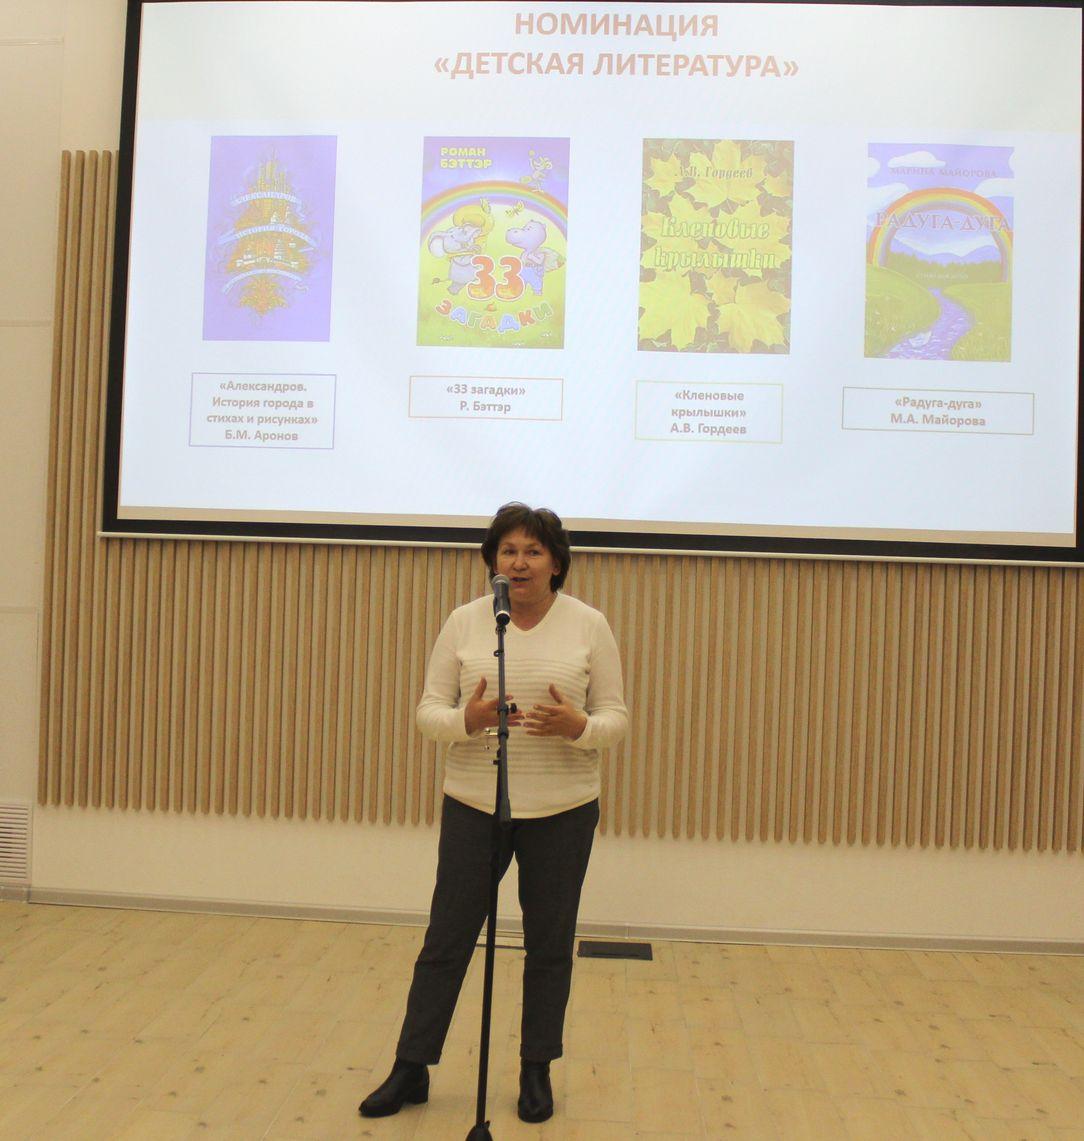 Татьяна Сдобникова представляет номинацию Детская литература